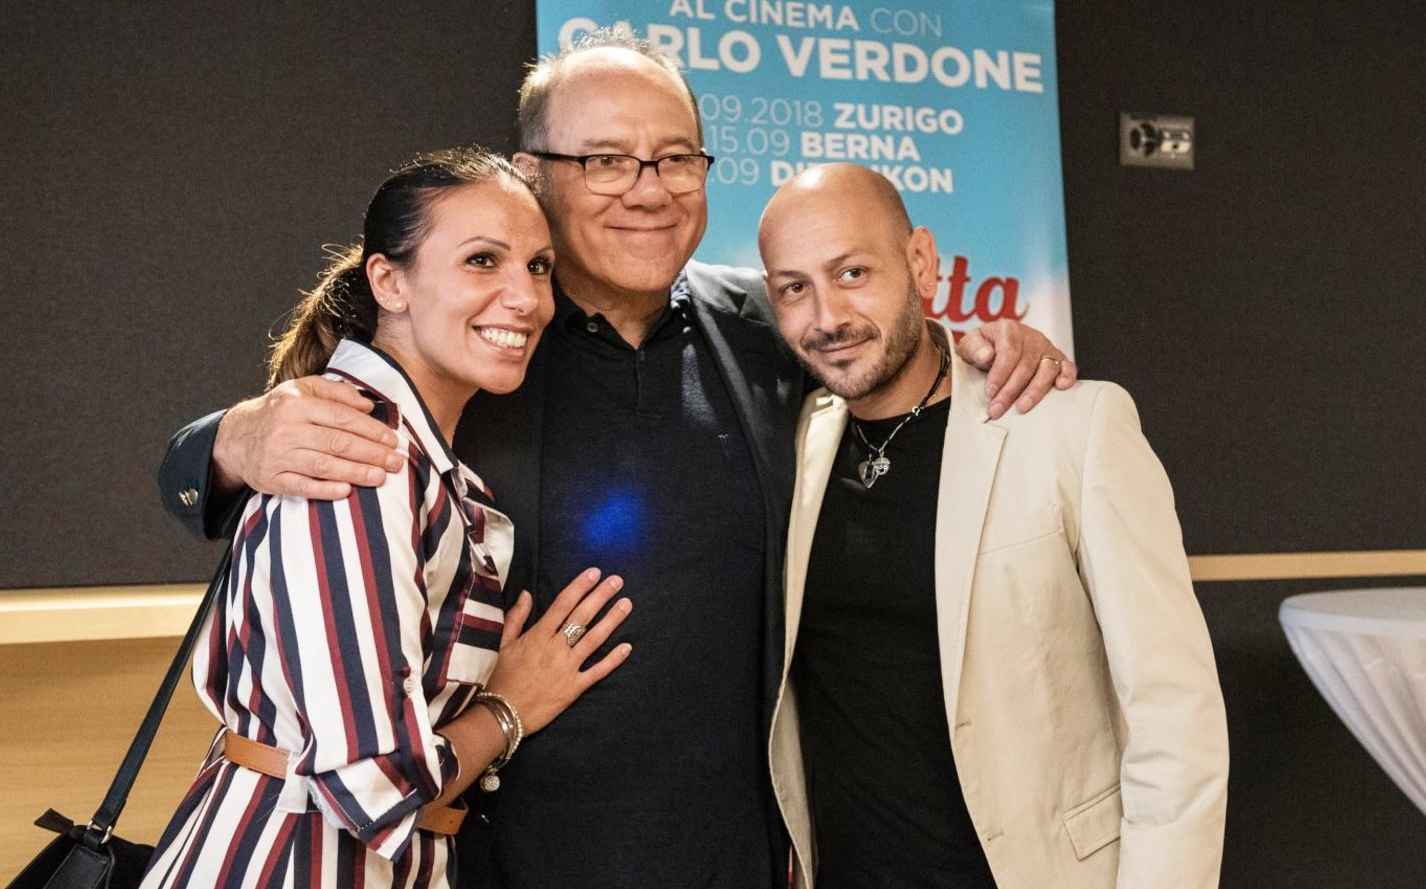 Standing ovation per il mito del cinema italiano Carlo Verdone